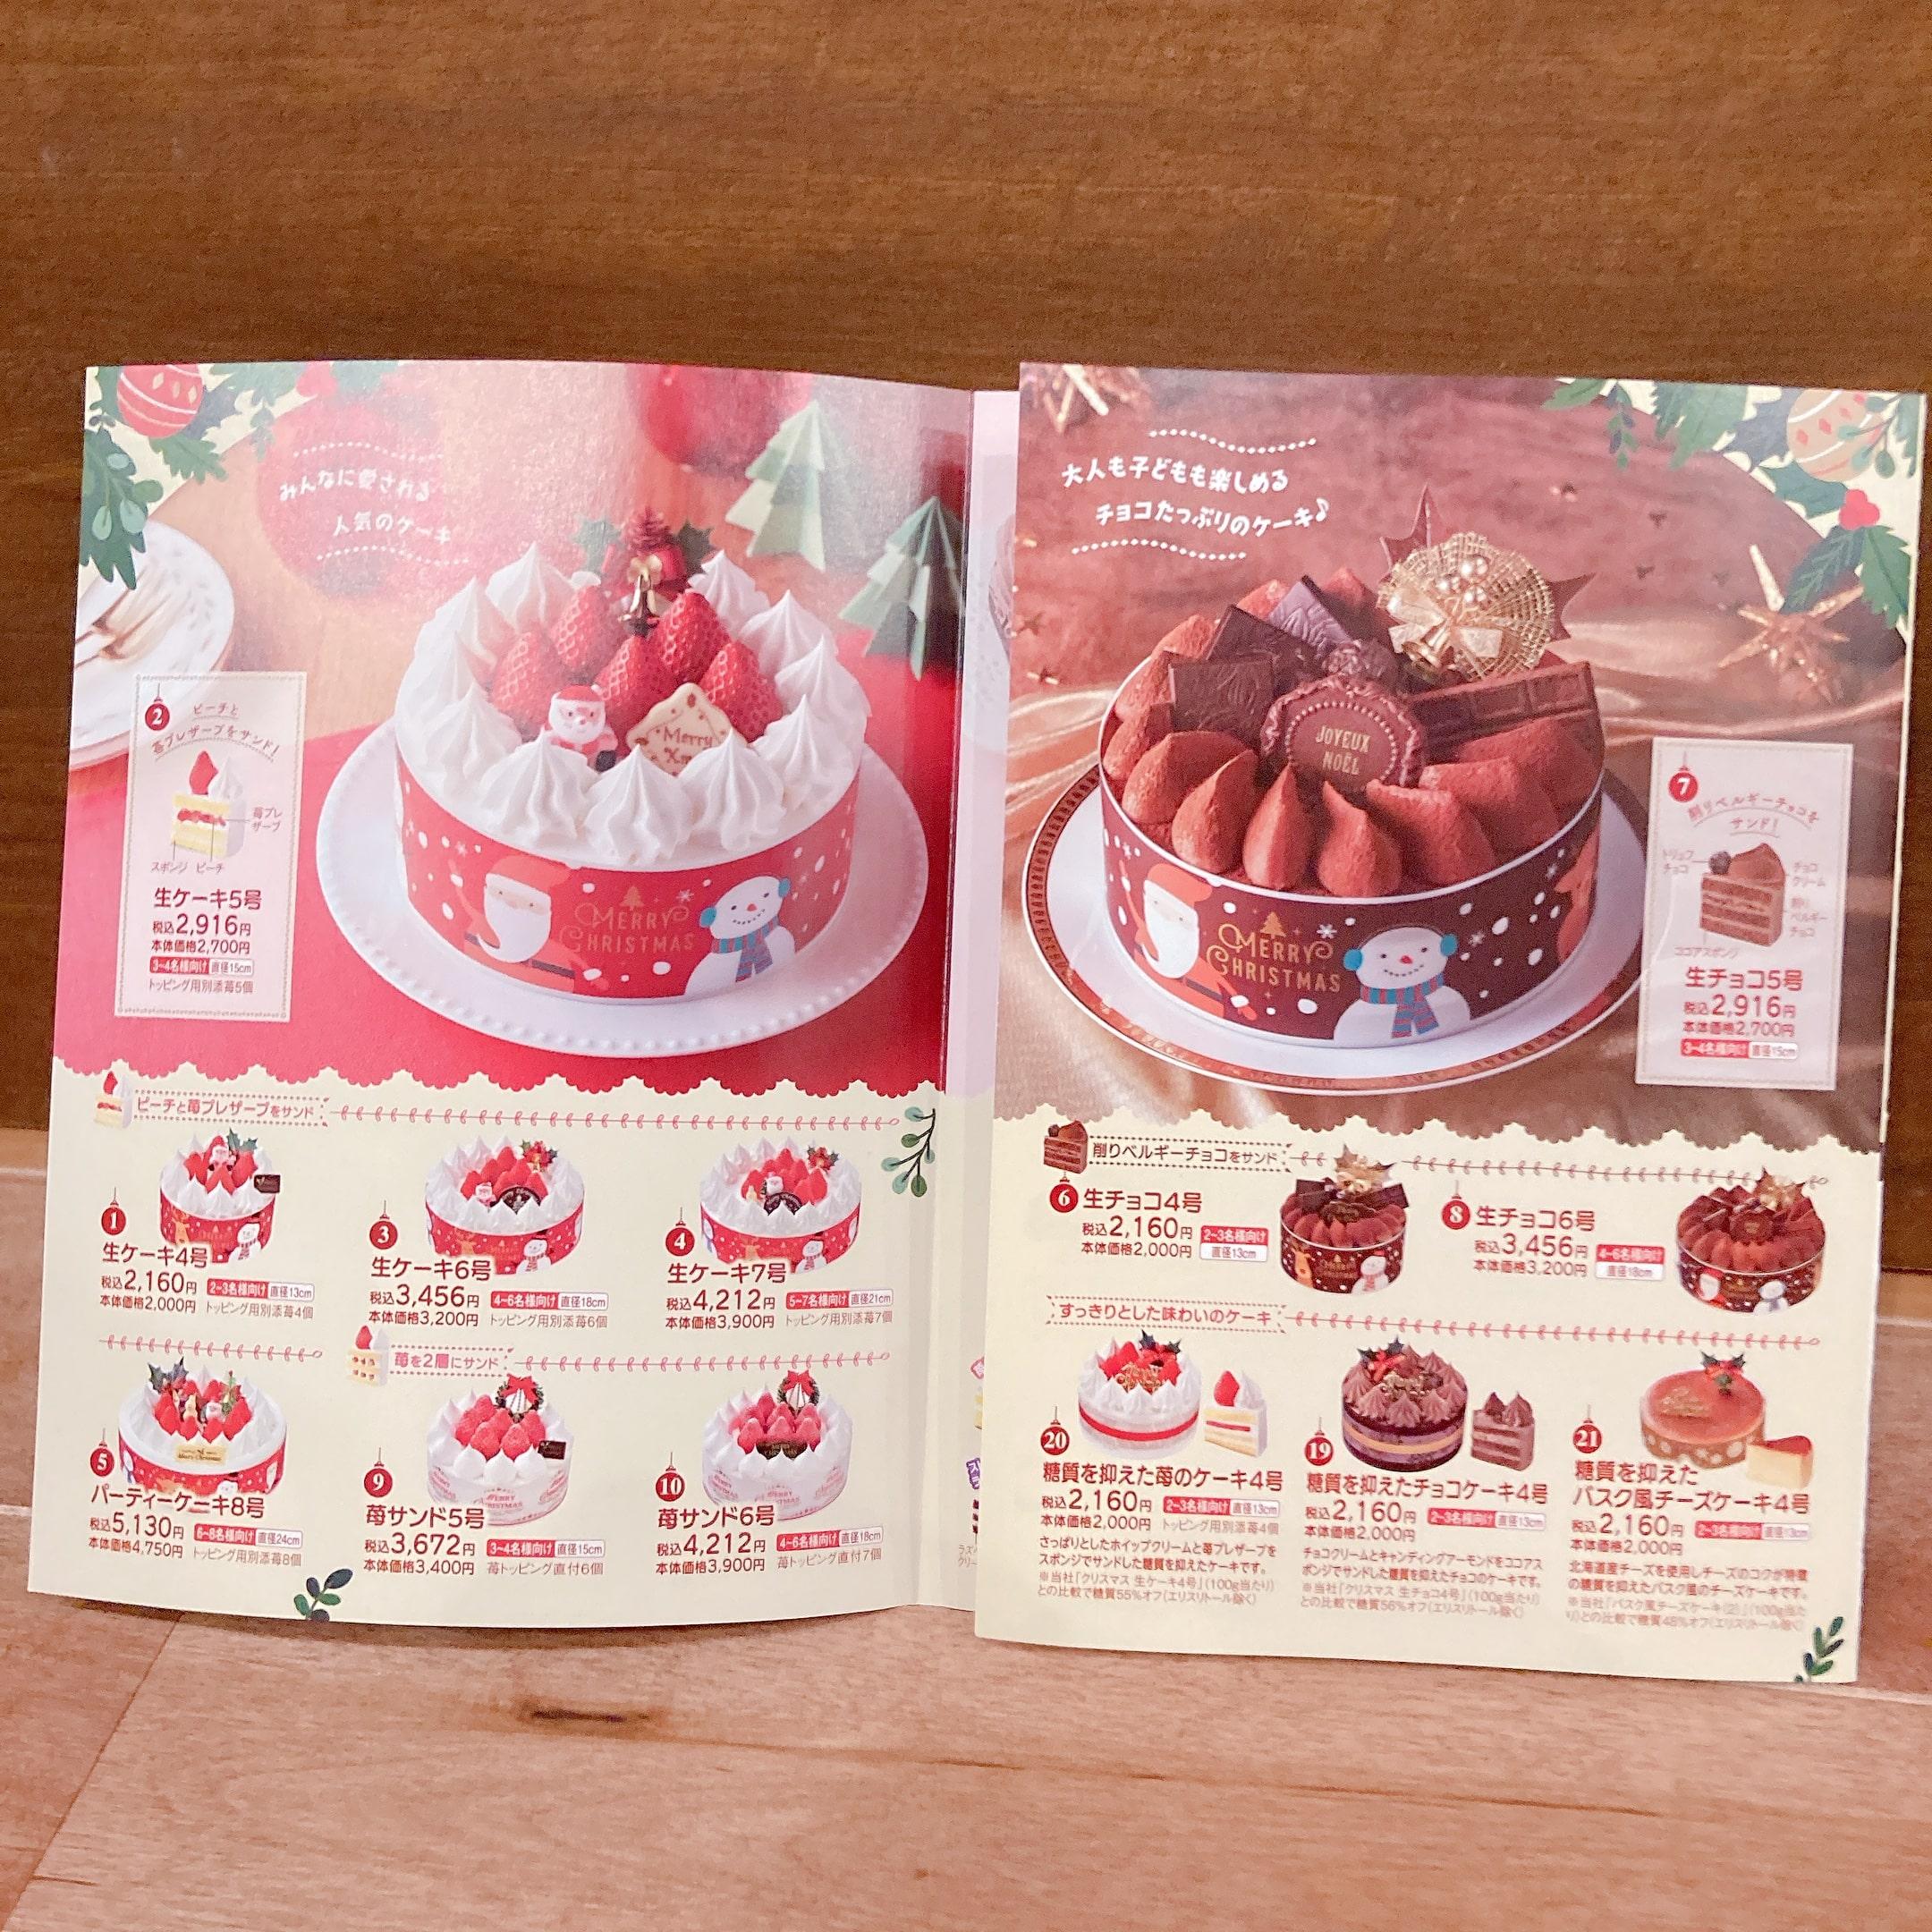 ウエルシア クリスマスケーキ